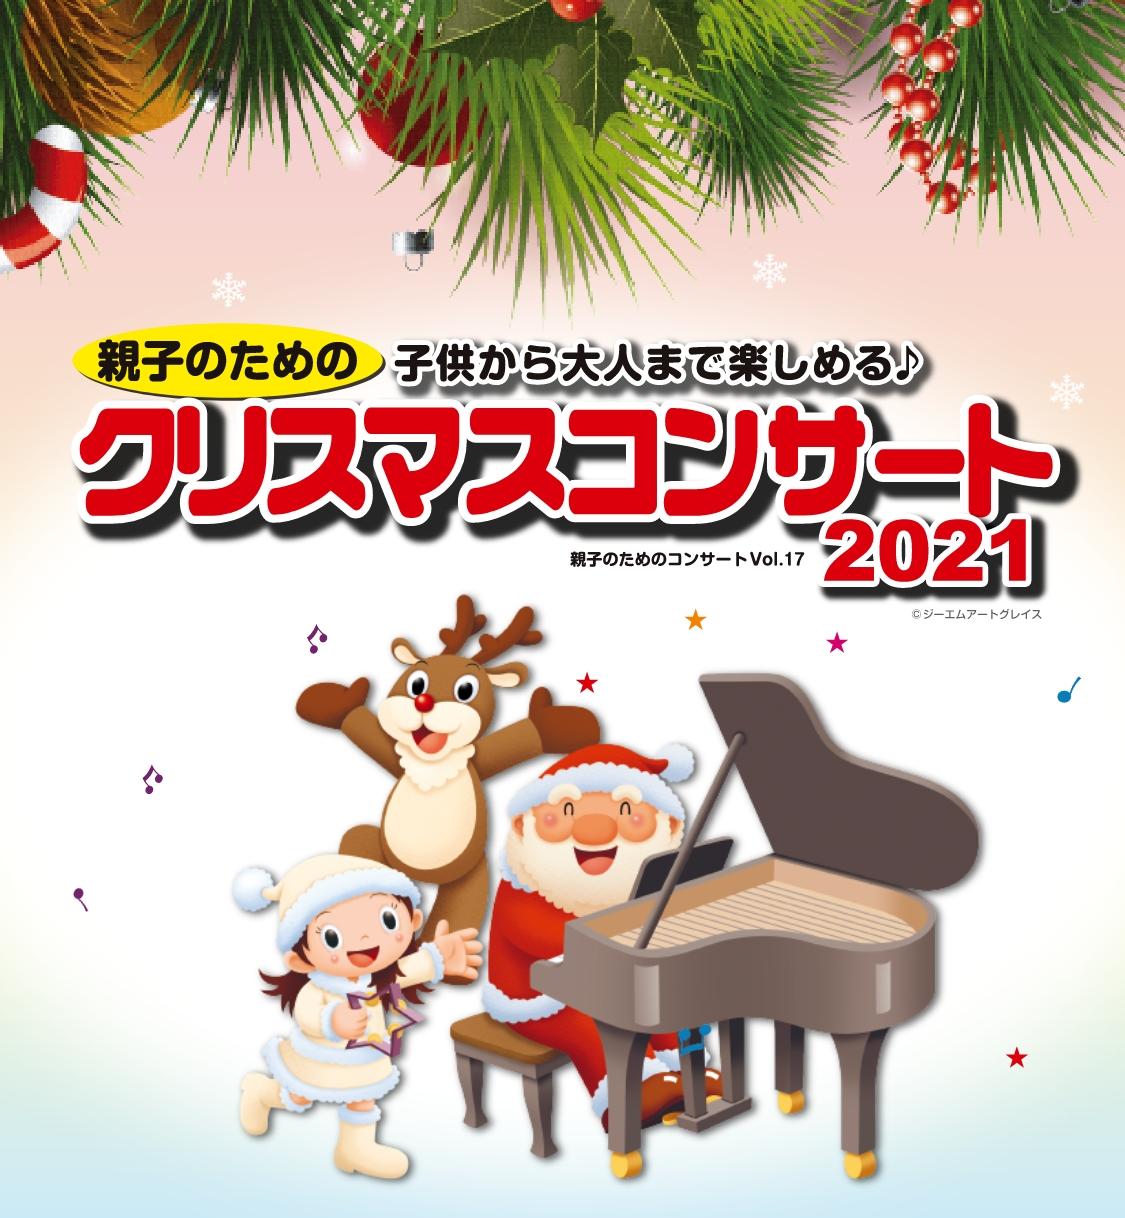 クリスマスコンサート2021